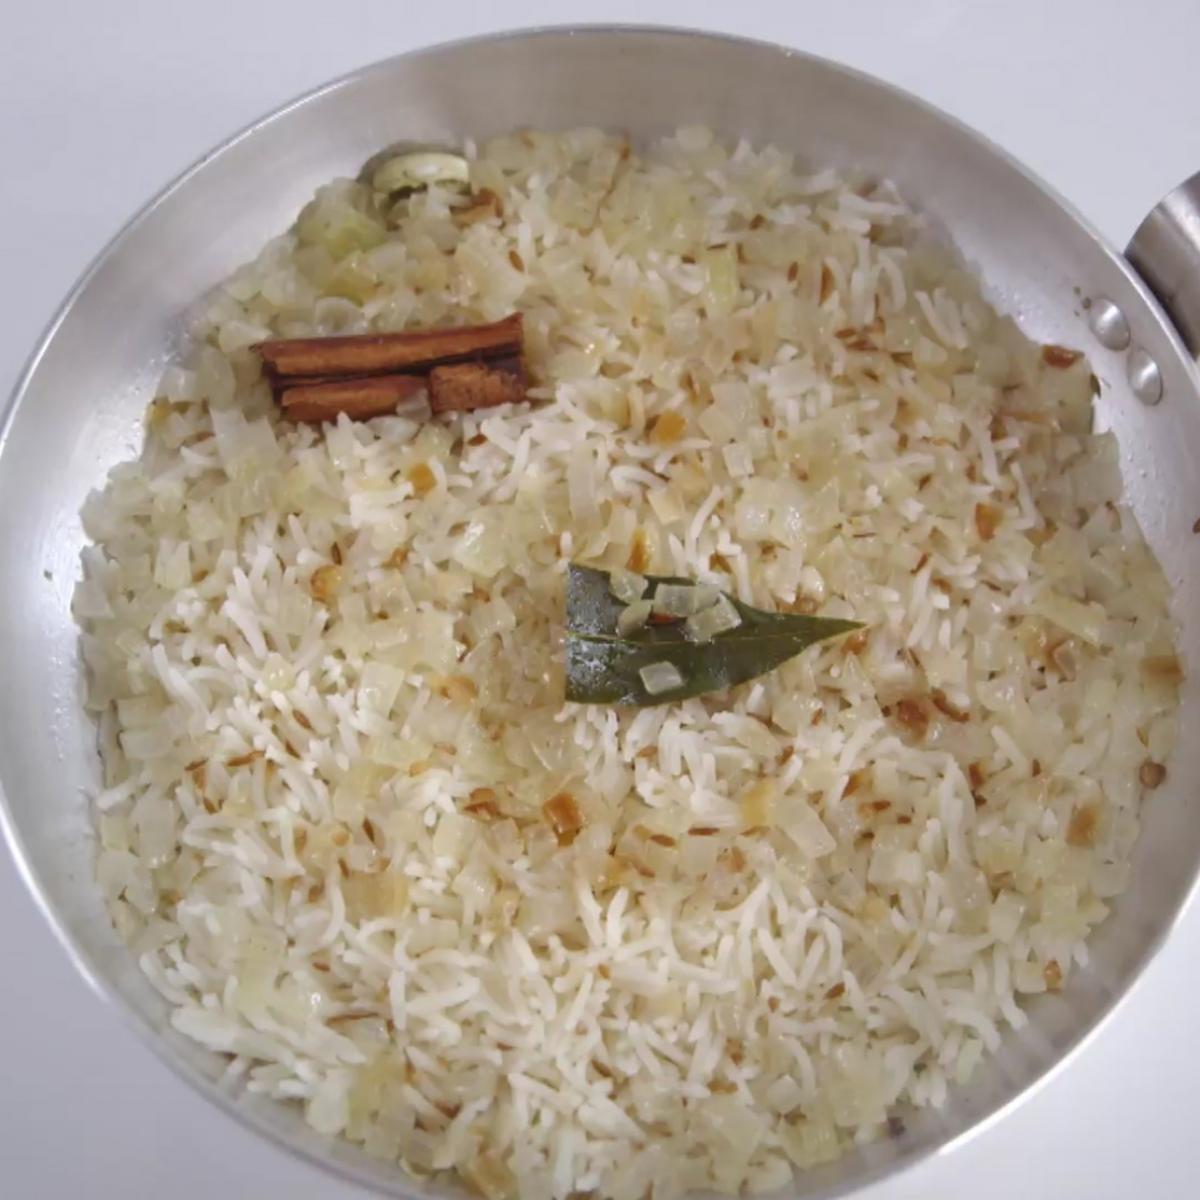 A picture of Delia's Spiced Chicken Pilau recipe